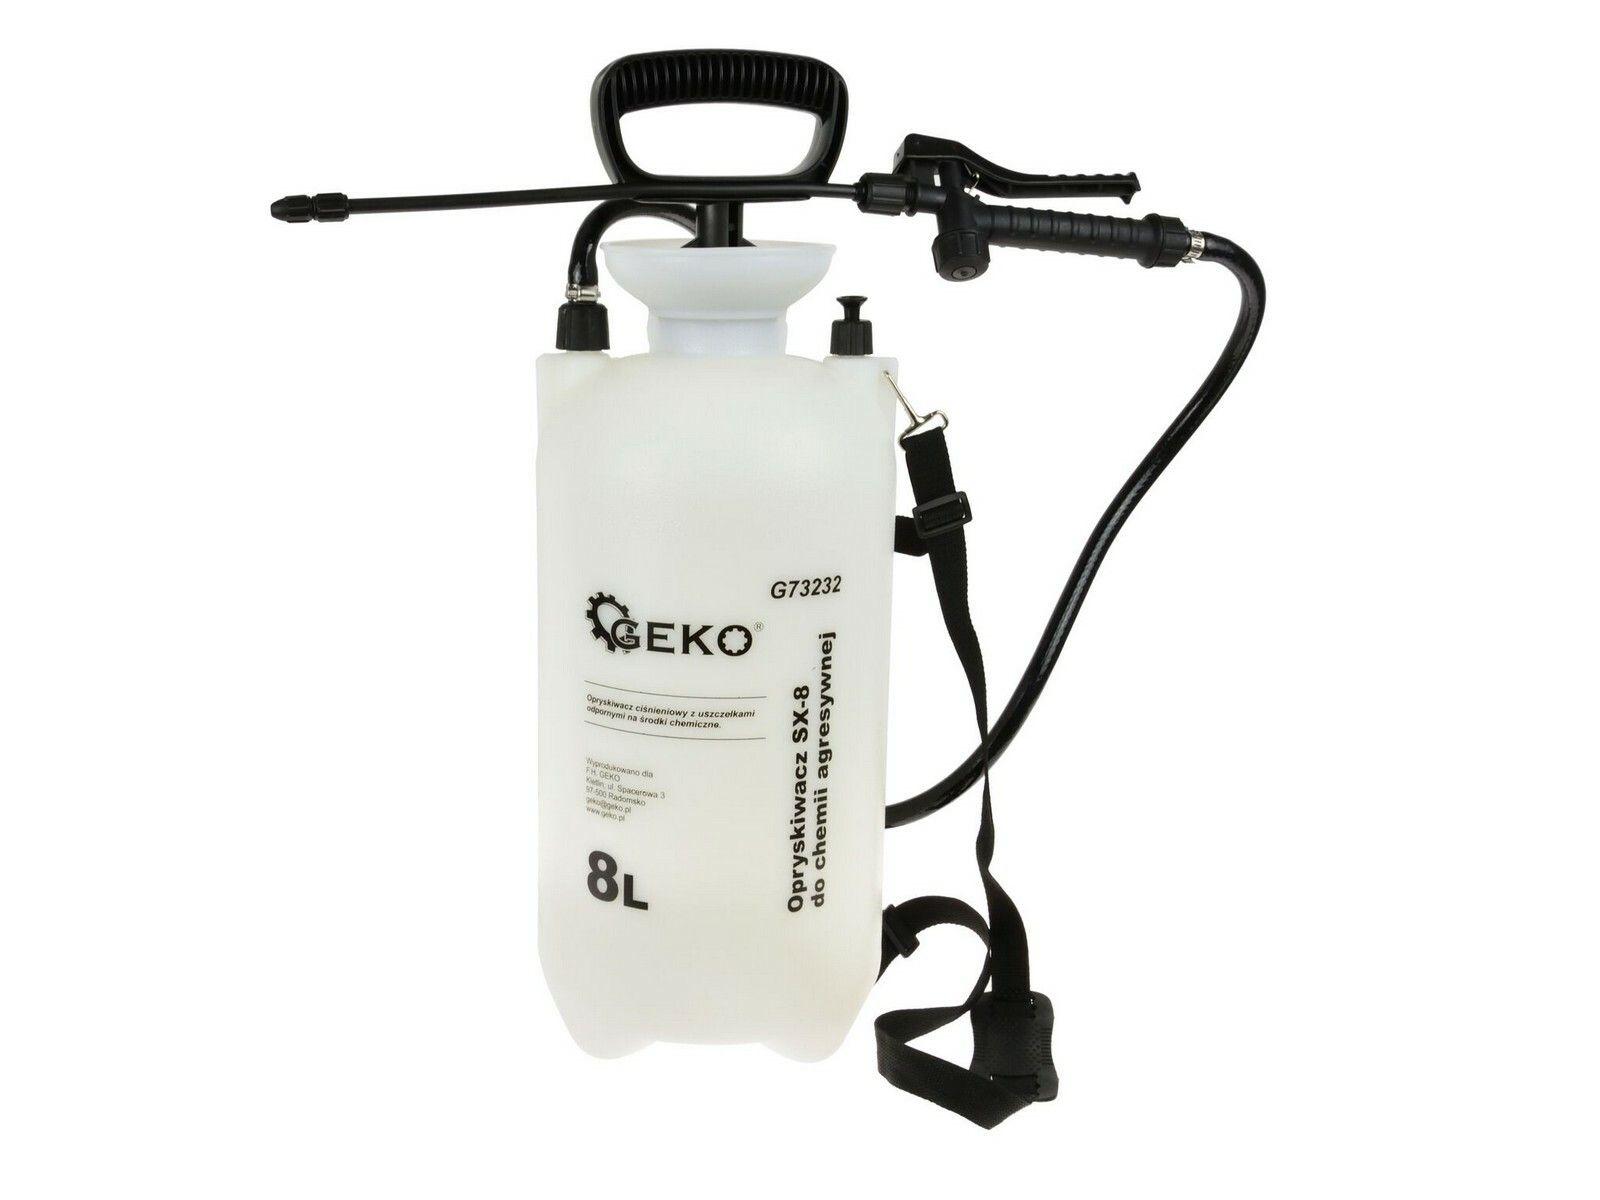 GEKO G73232 Postřikovač tlakový zahradní pro agresivní chemii 8L